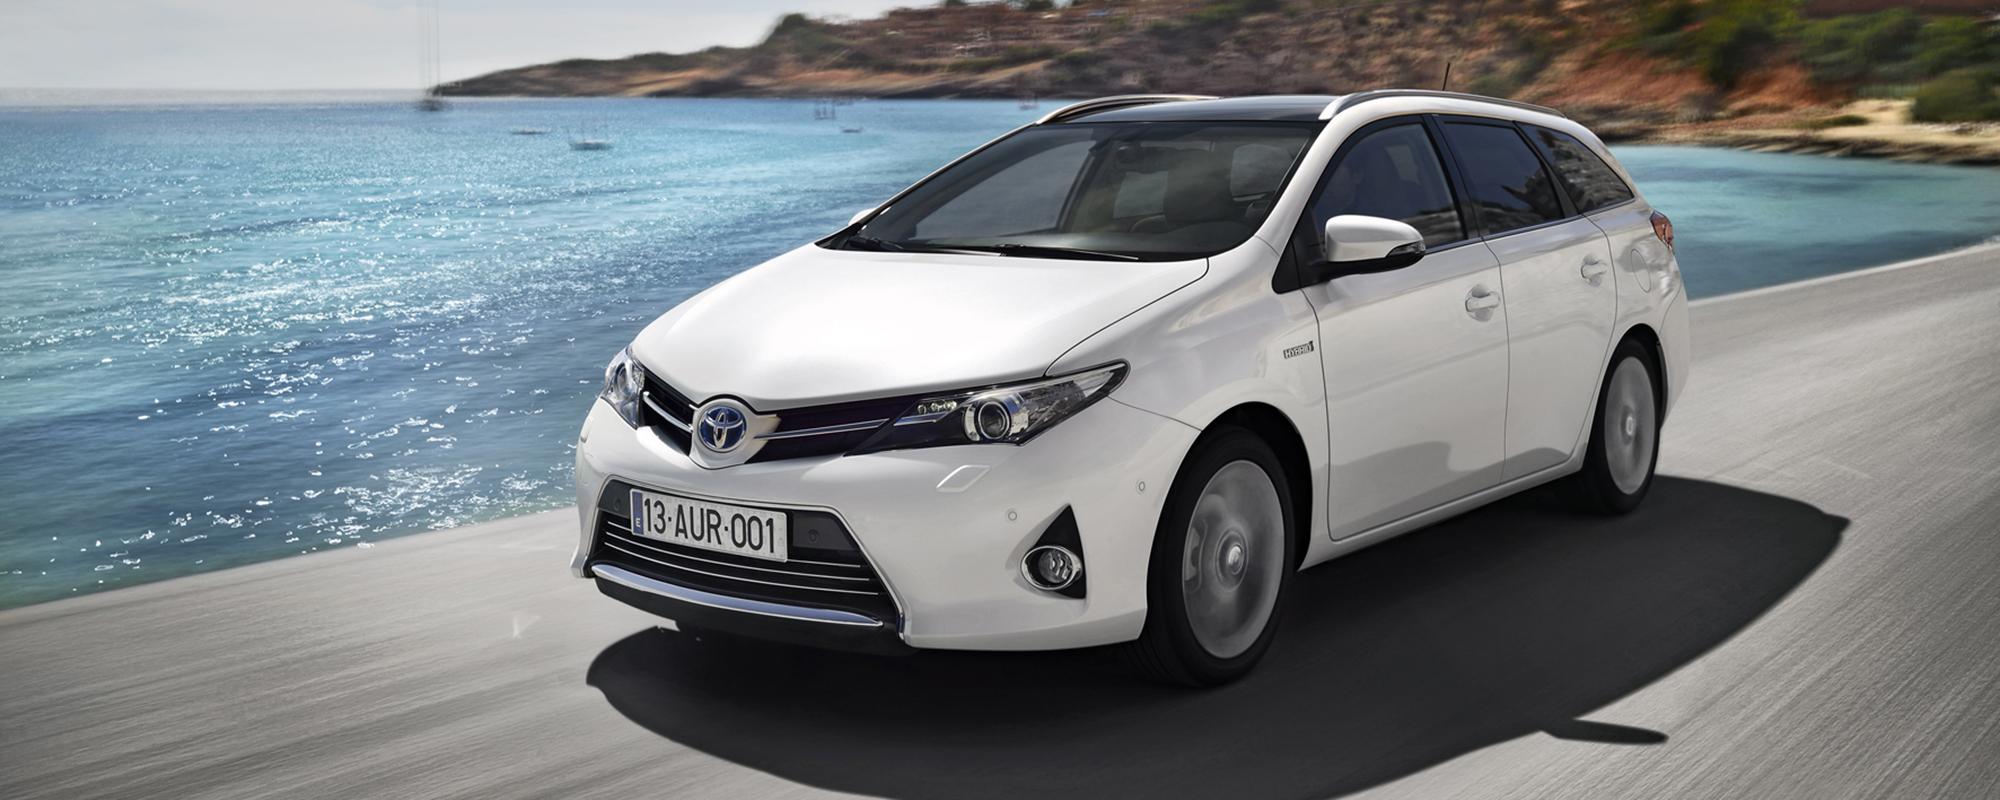 Toyota Auris: alle hybride uitvoeringen ook in 2014 met 14 procent bijtelling